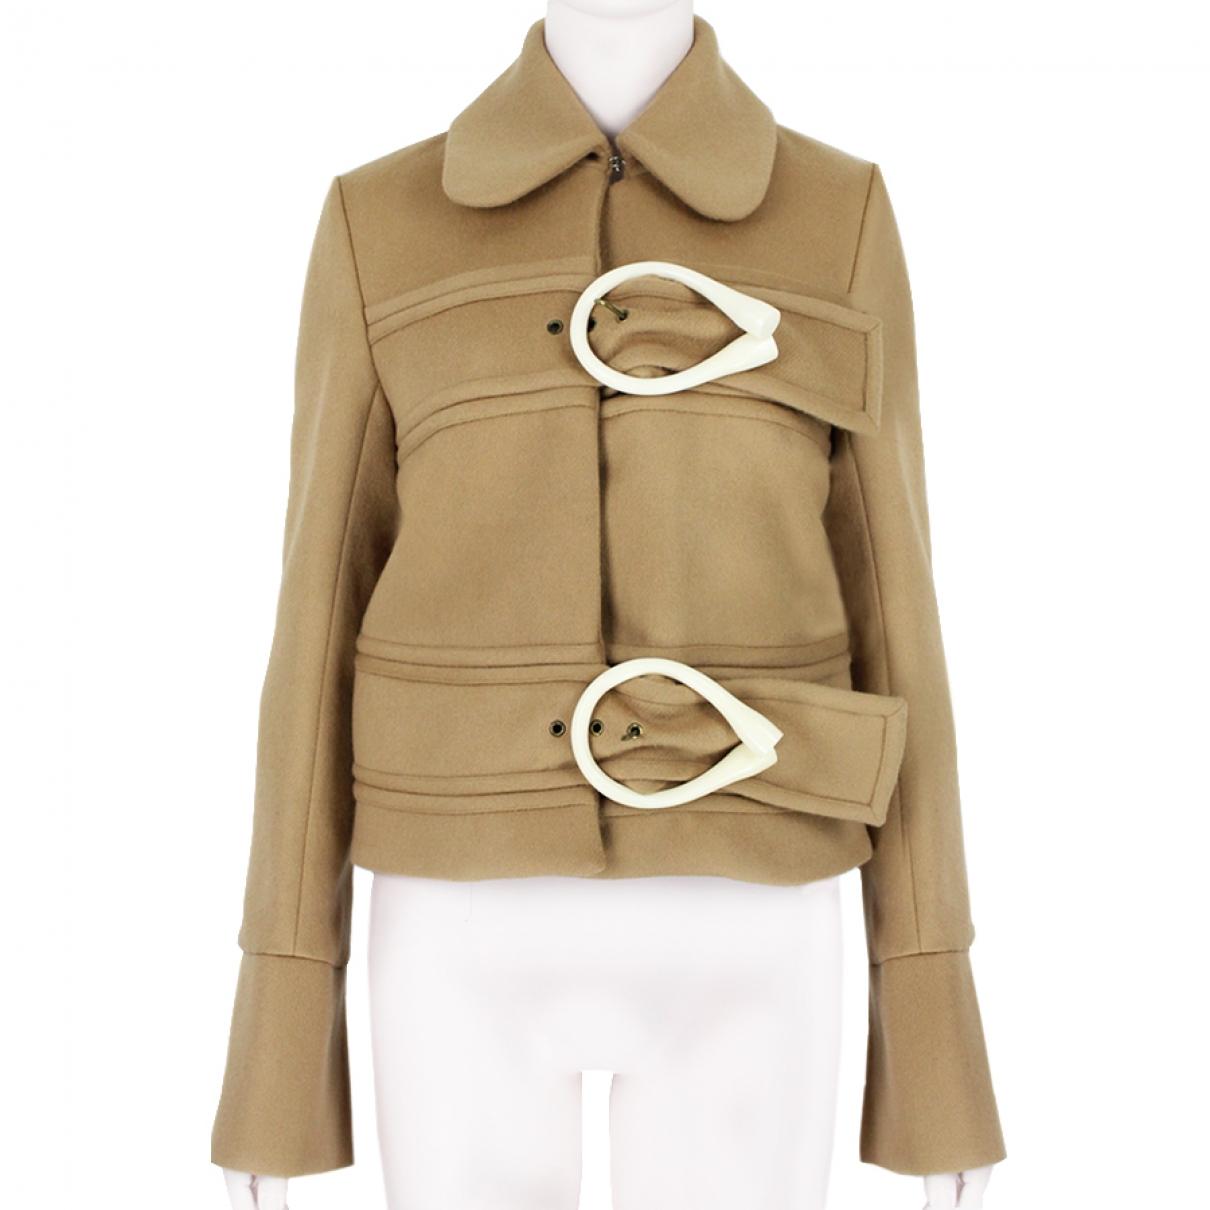 J.w. Anderson \N Brown Wool jacket for Women 10 UK